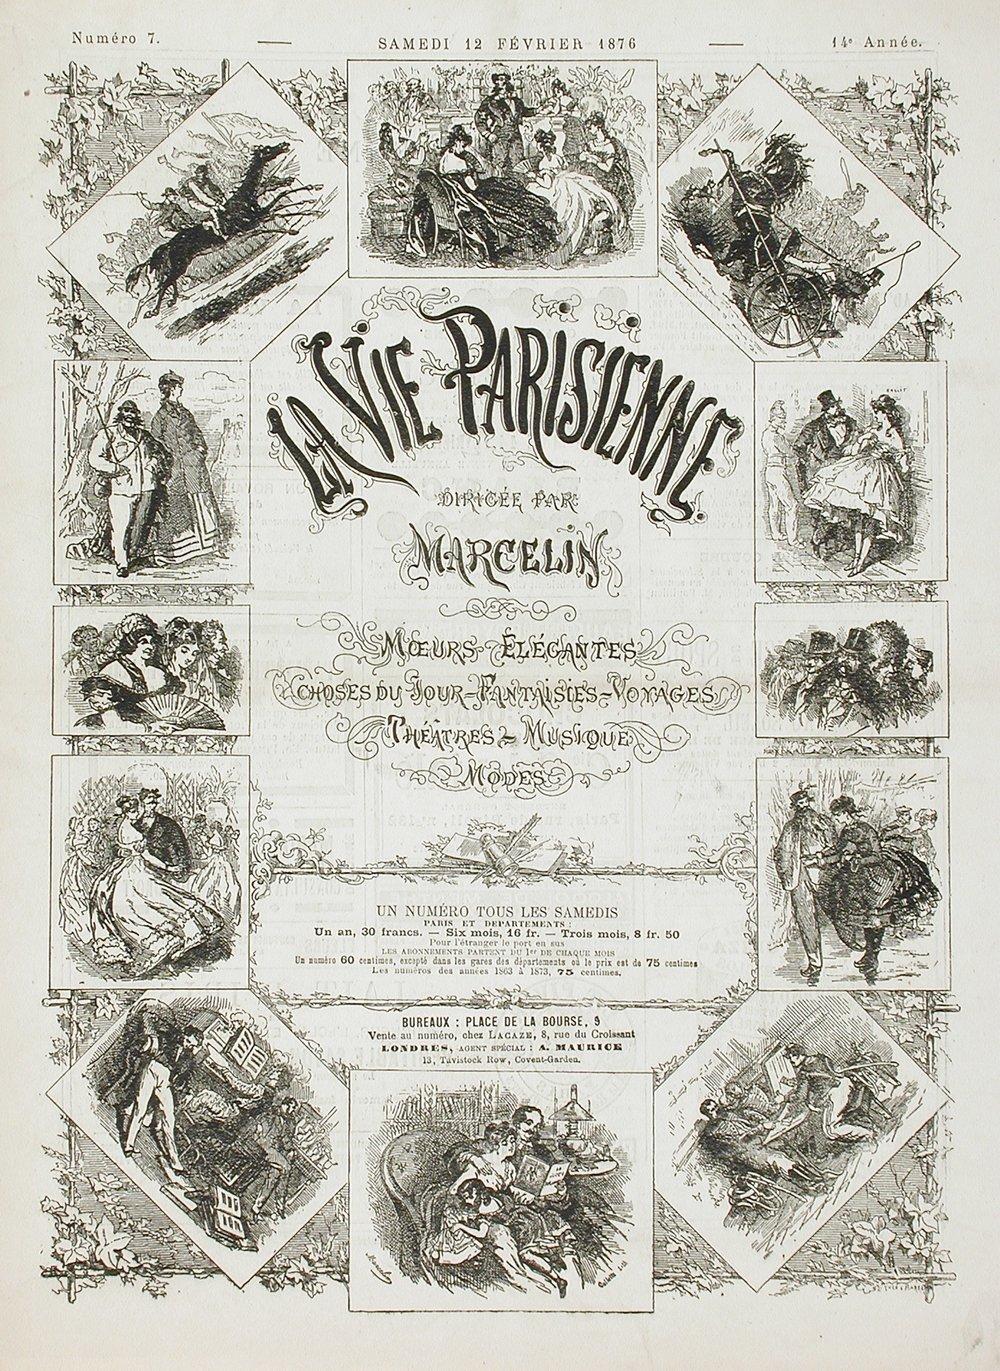 La_Vie_Parisienne_LACMA_M.84.243.262a-h_(8_of_8).jpg